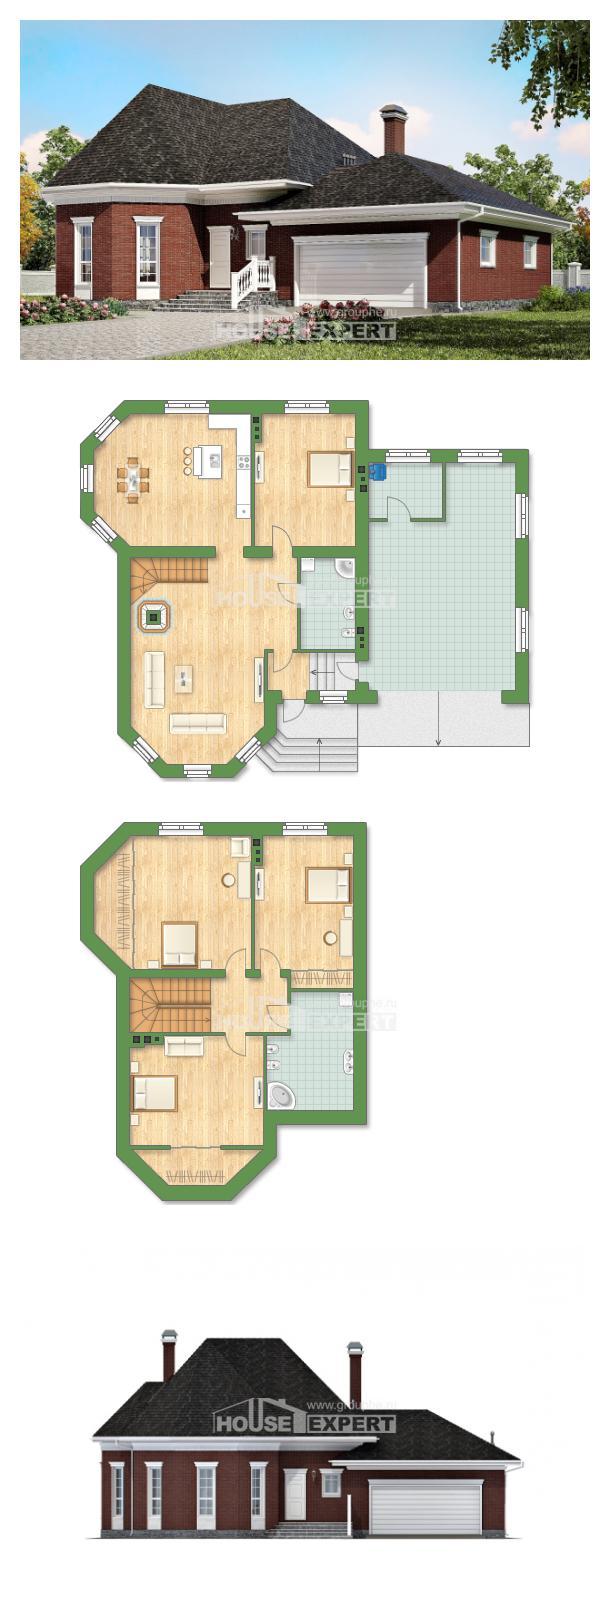 Proyecto de casa 290-002-R   House Expert